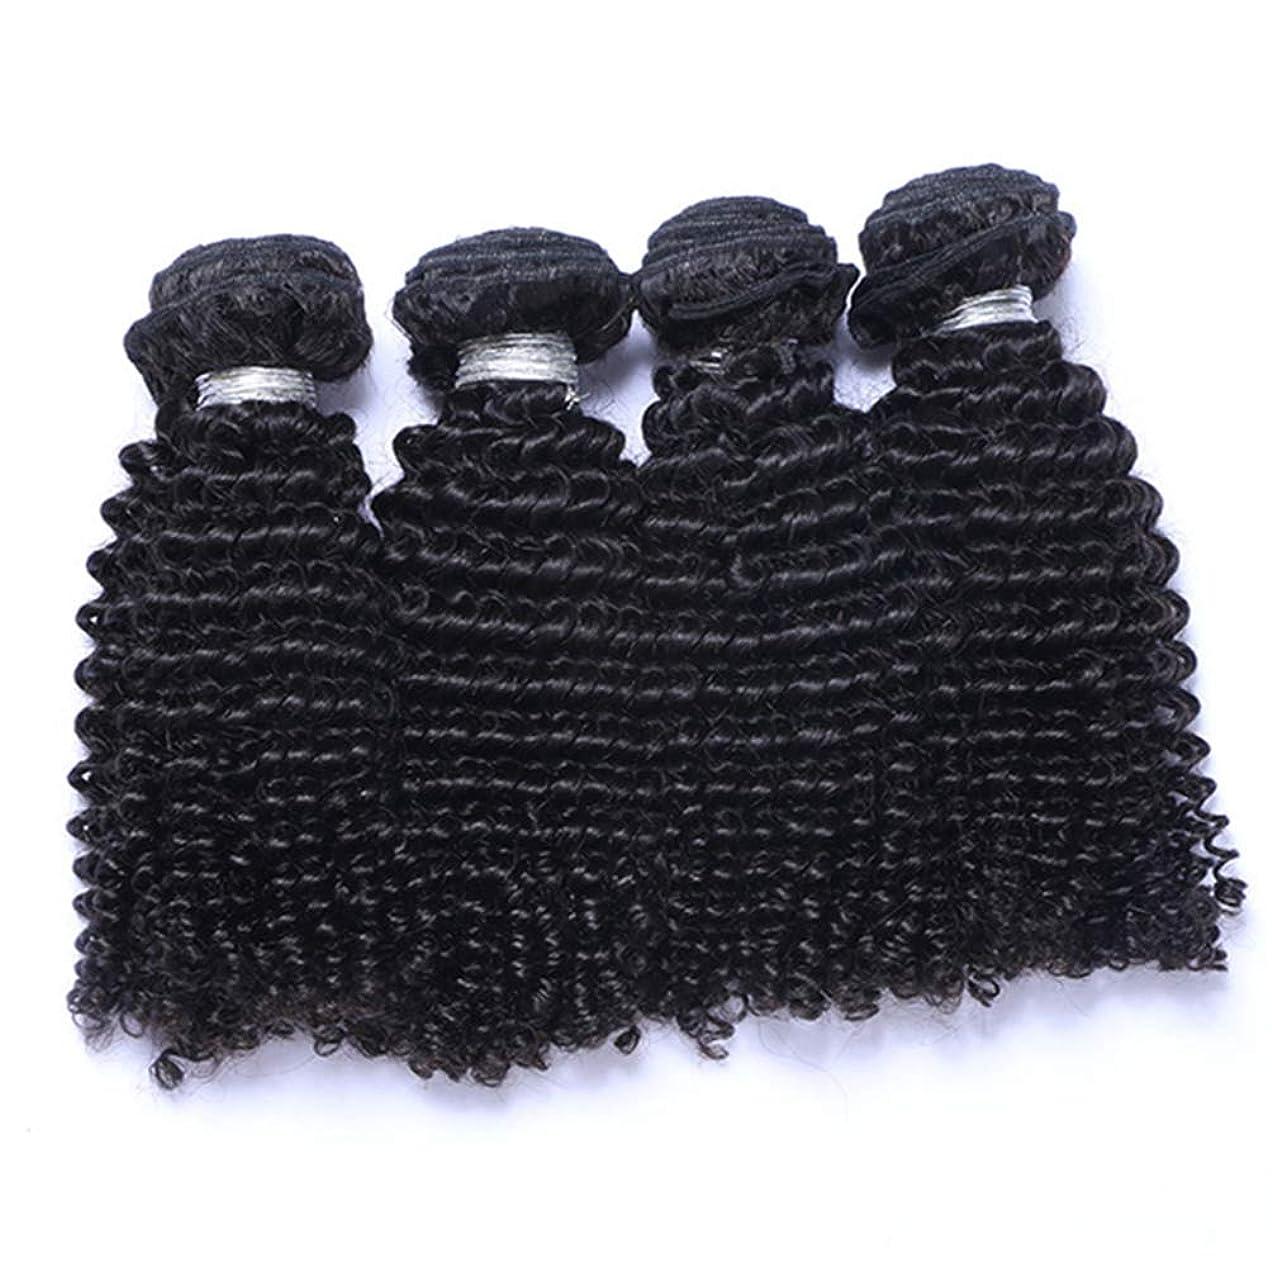 役職エンゲージメントうねる髪織り未処理ブラジルディープカーリーヘアバンドル本物の人間の髪バンドルバージンブラジル髪バンドル1ピース/パックナチュラルカラー